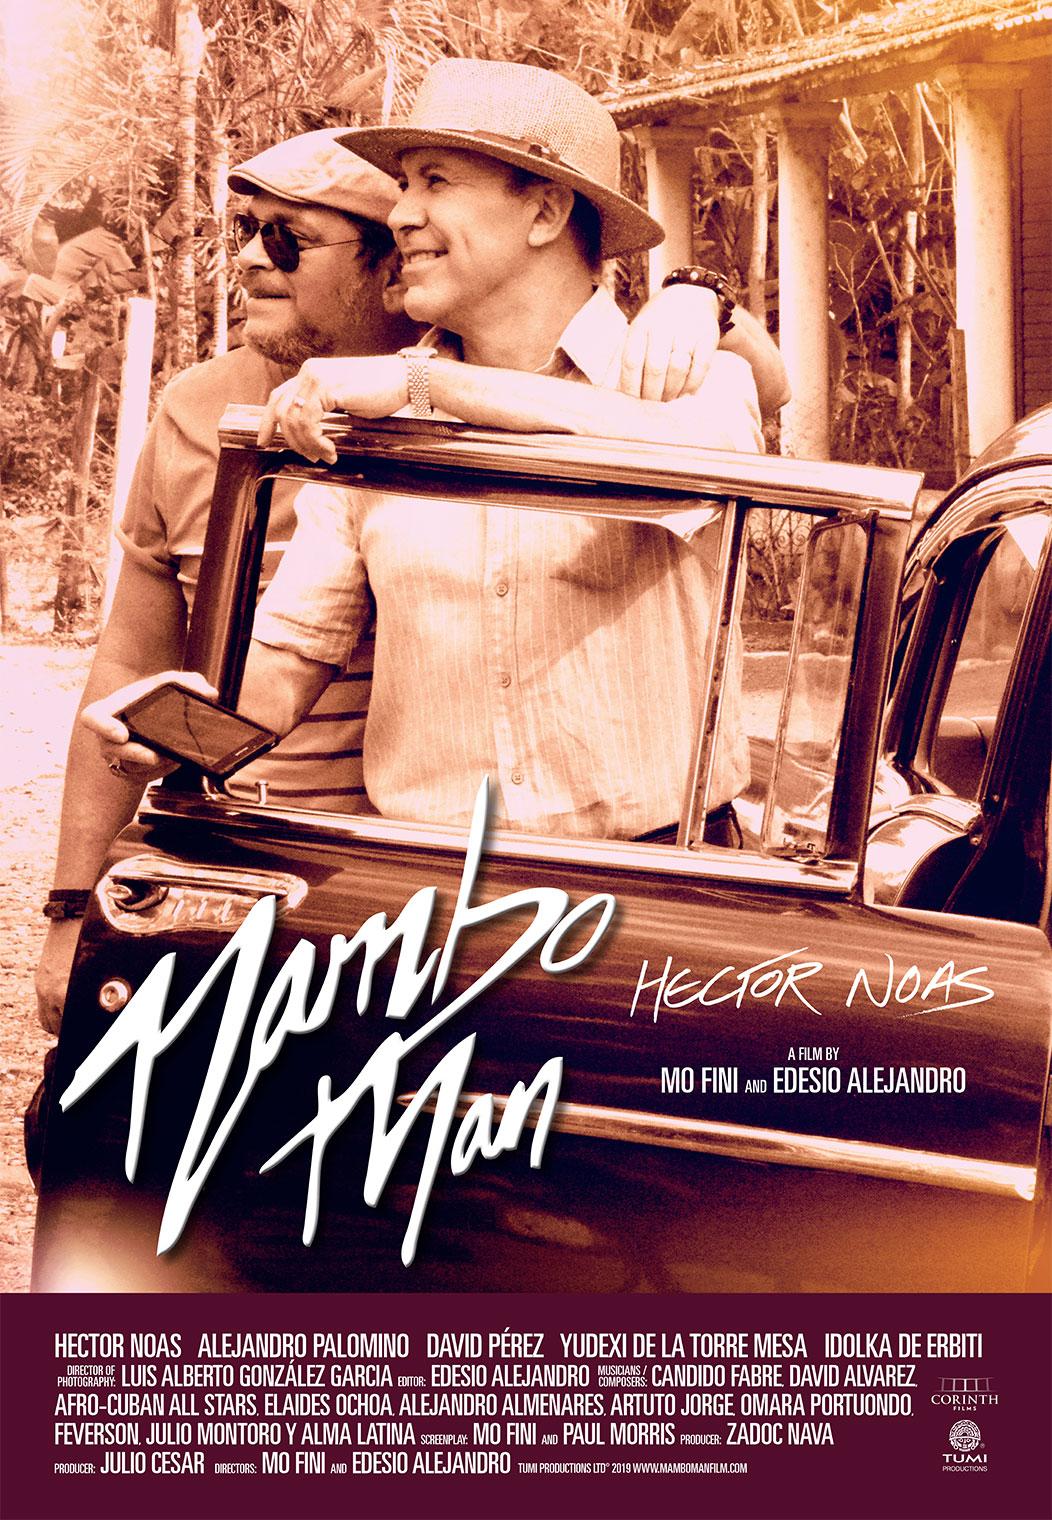 Mambo Man poster art